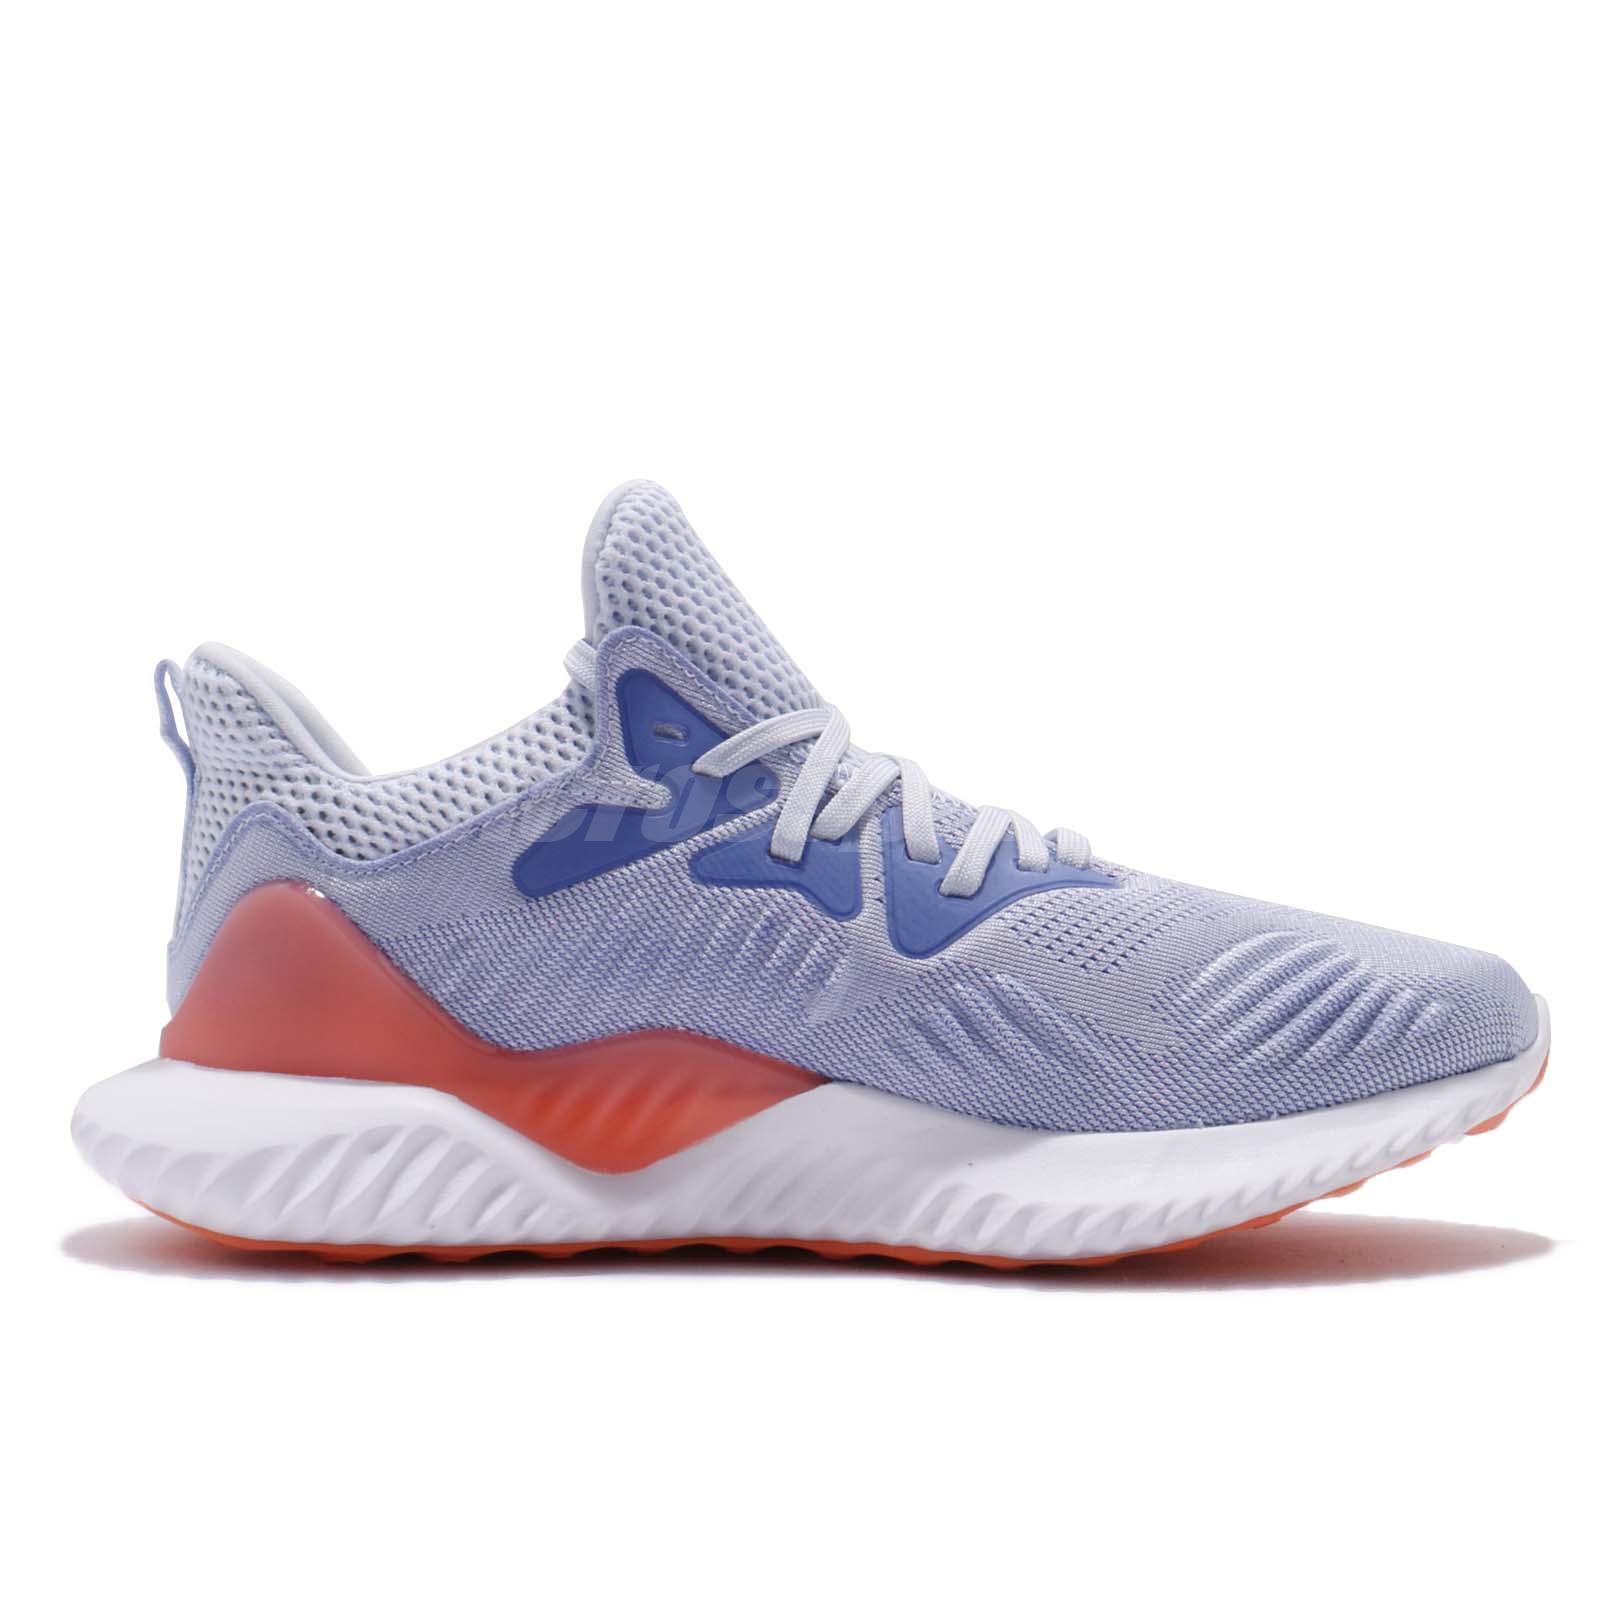 3e3a9c901 adidas AlphaBOUNCE Beyond J Aero Blue Pink Kids Junior Running Shoes ...